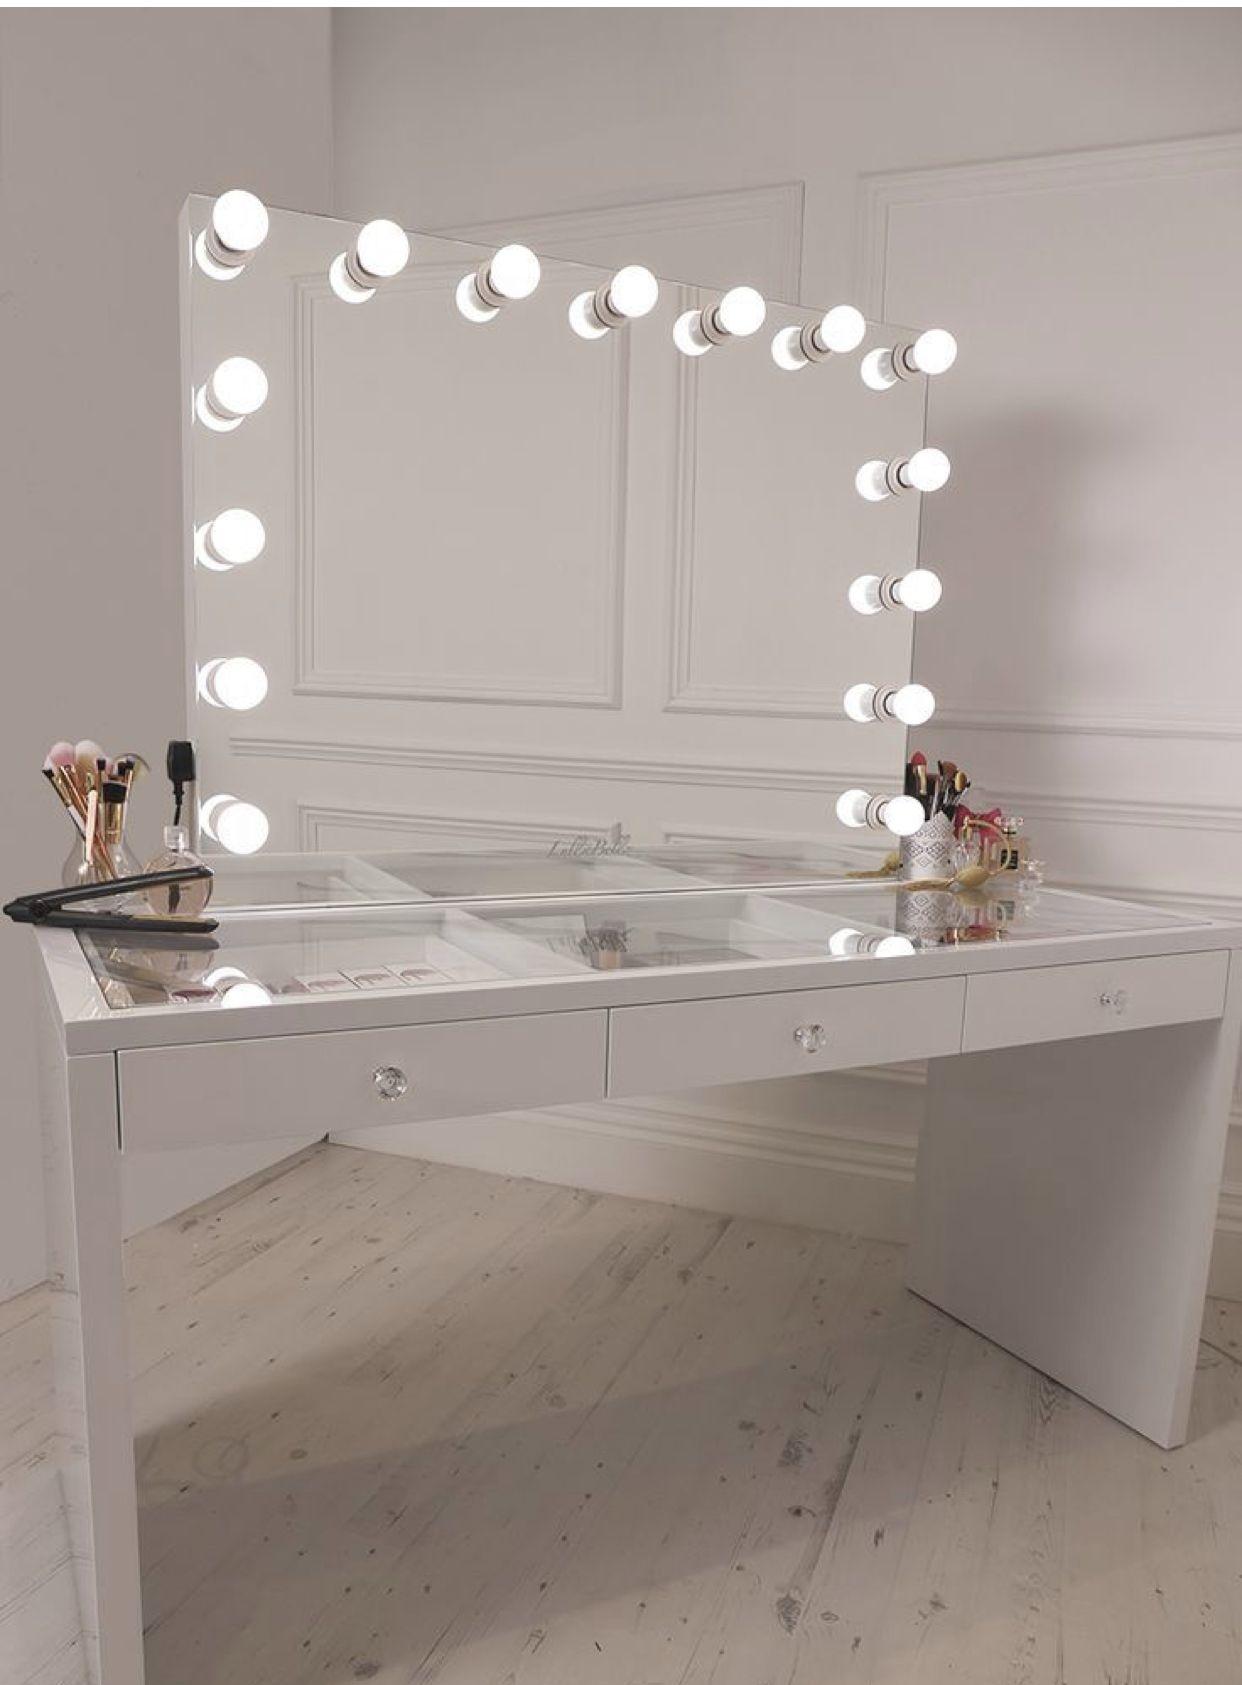 Crisp White Finish Slaystation Make Up Vanity With Premium .